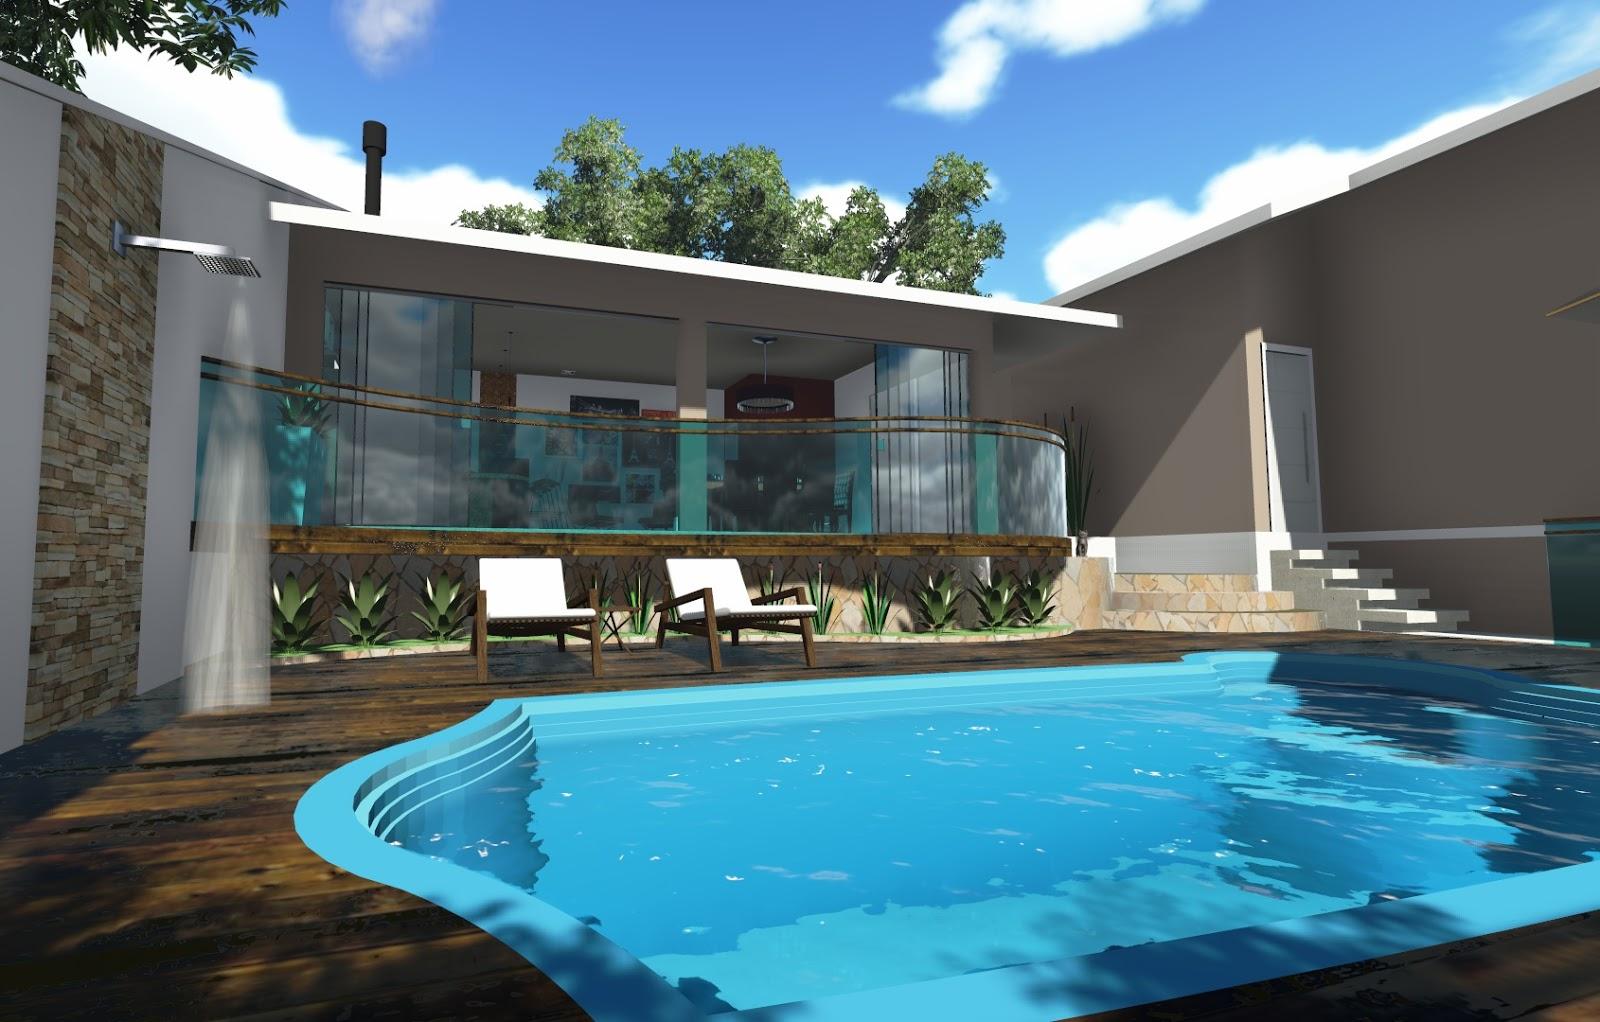 Halla arquitetura e urbanismo c digo 45005 constru o for Piscina residencial